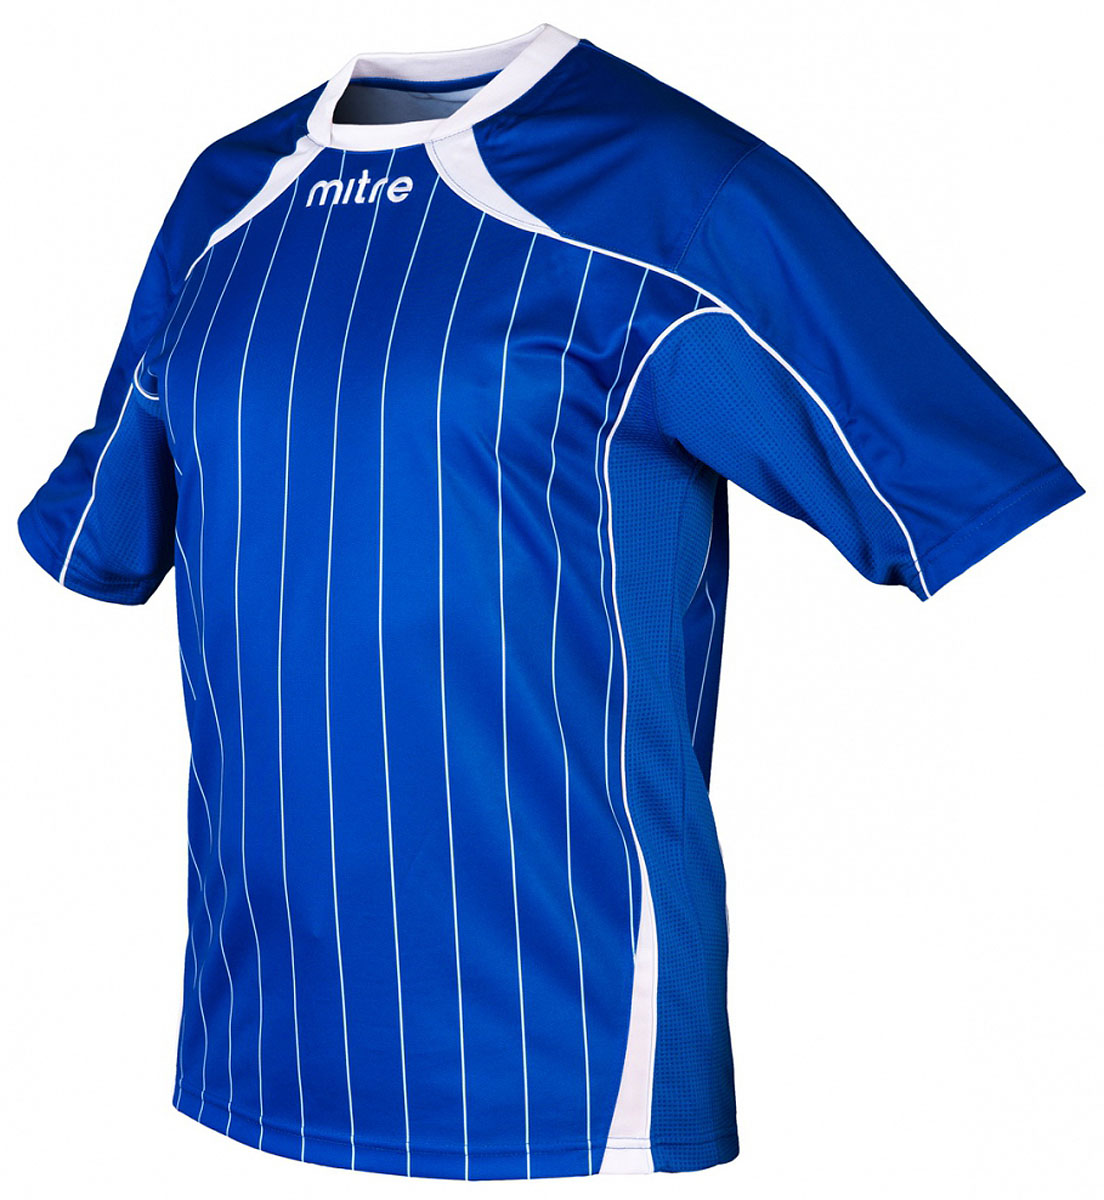 Футболка для мальчика Mitre, цвет: синий. 5T40051BRH2. Размер 1225T40051BRH2Футболка для мальчика Mitre выполнена из полиэстера. Удобный эластичный ворот. Сетчатые полосы ткани по бокам футболки улучшают вентиляцию тела.